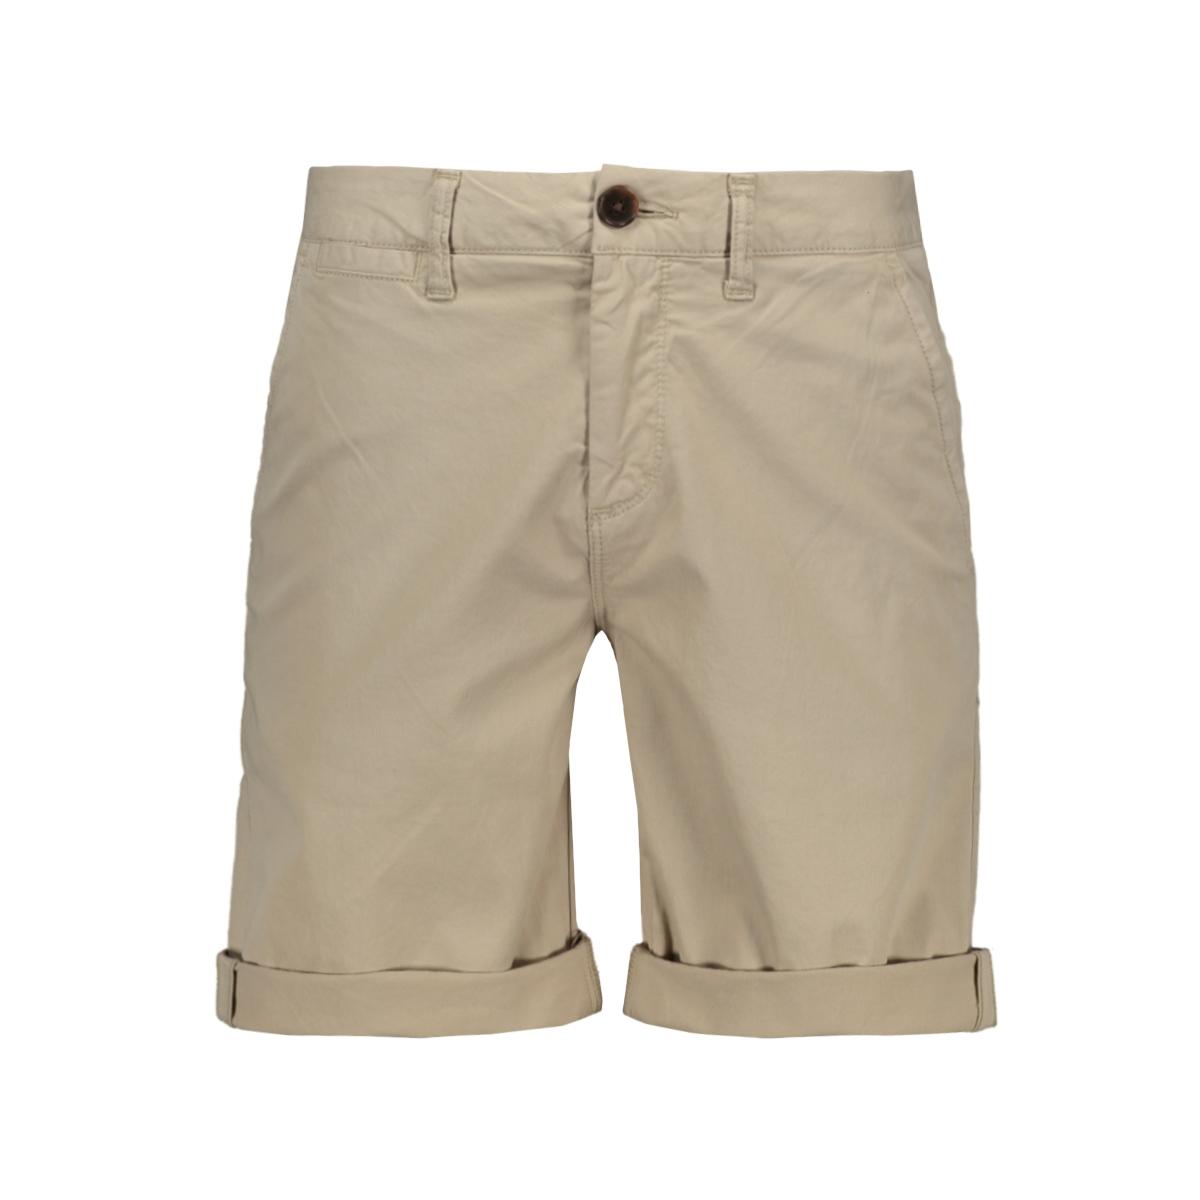 chino short m7110018a superdry korte broek sand dollar